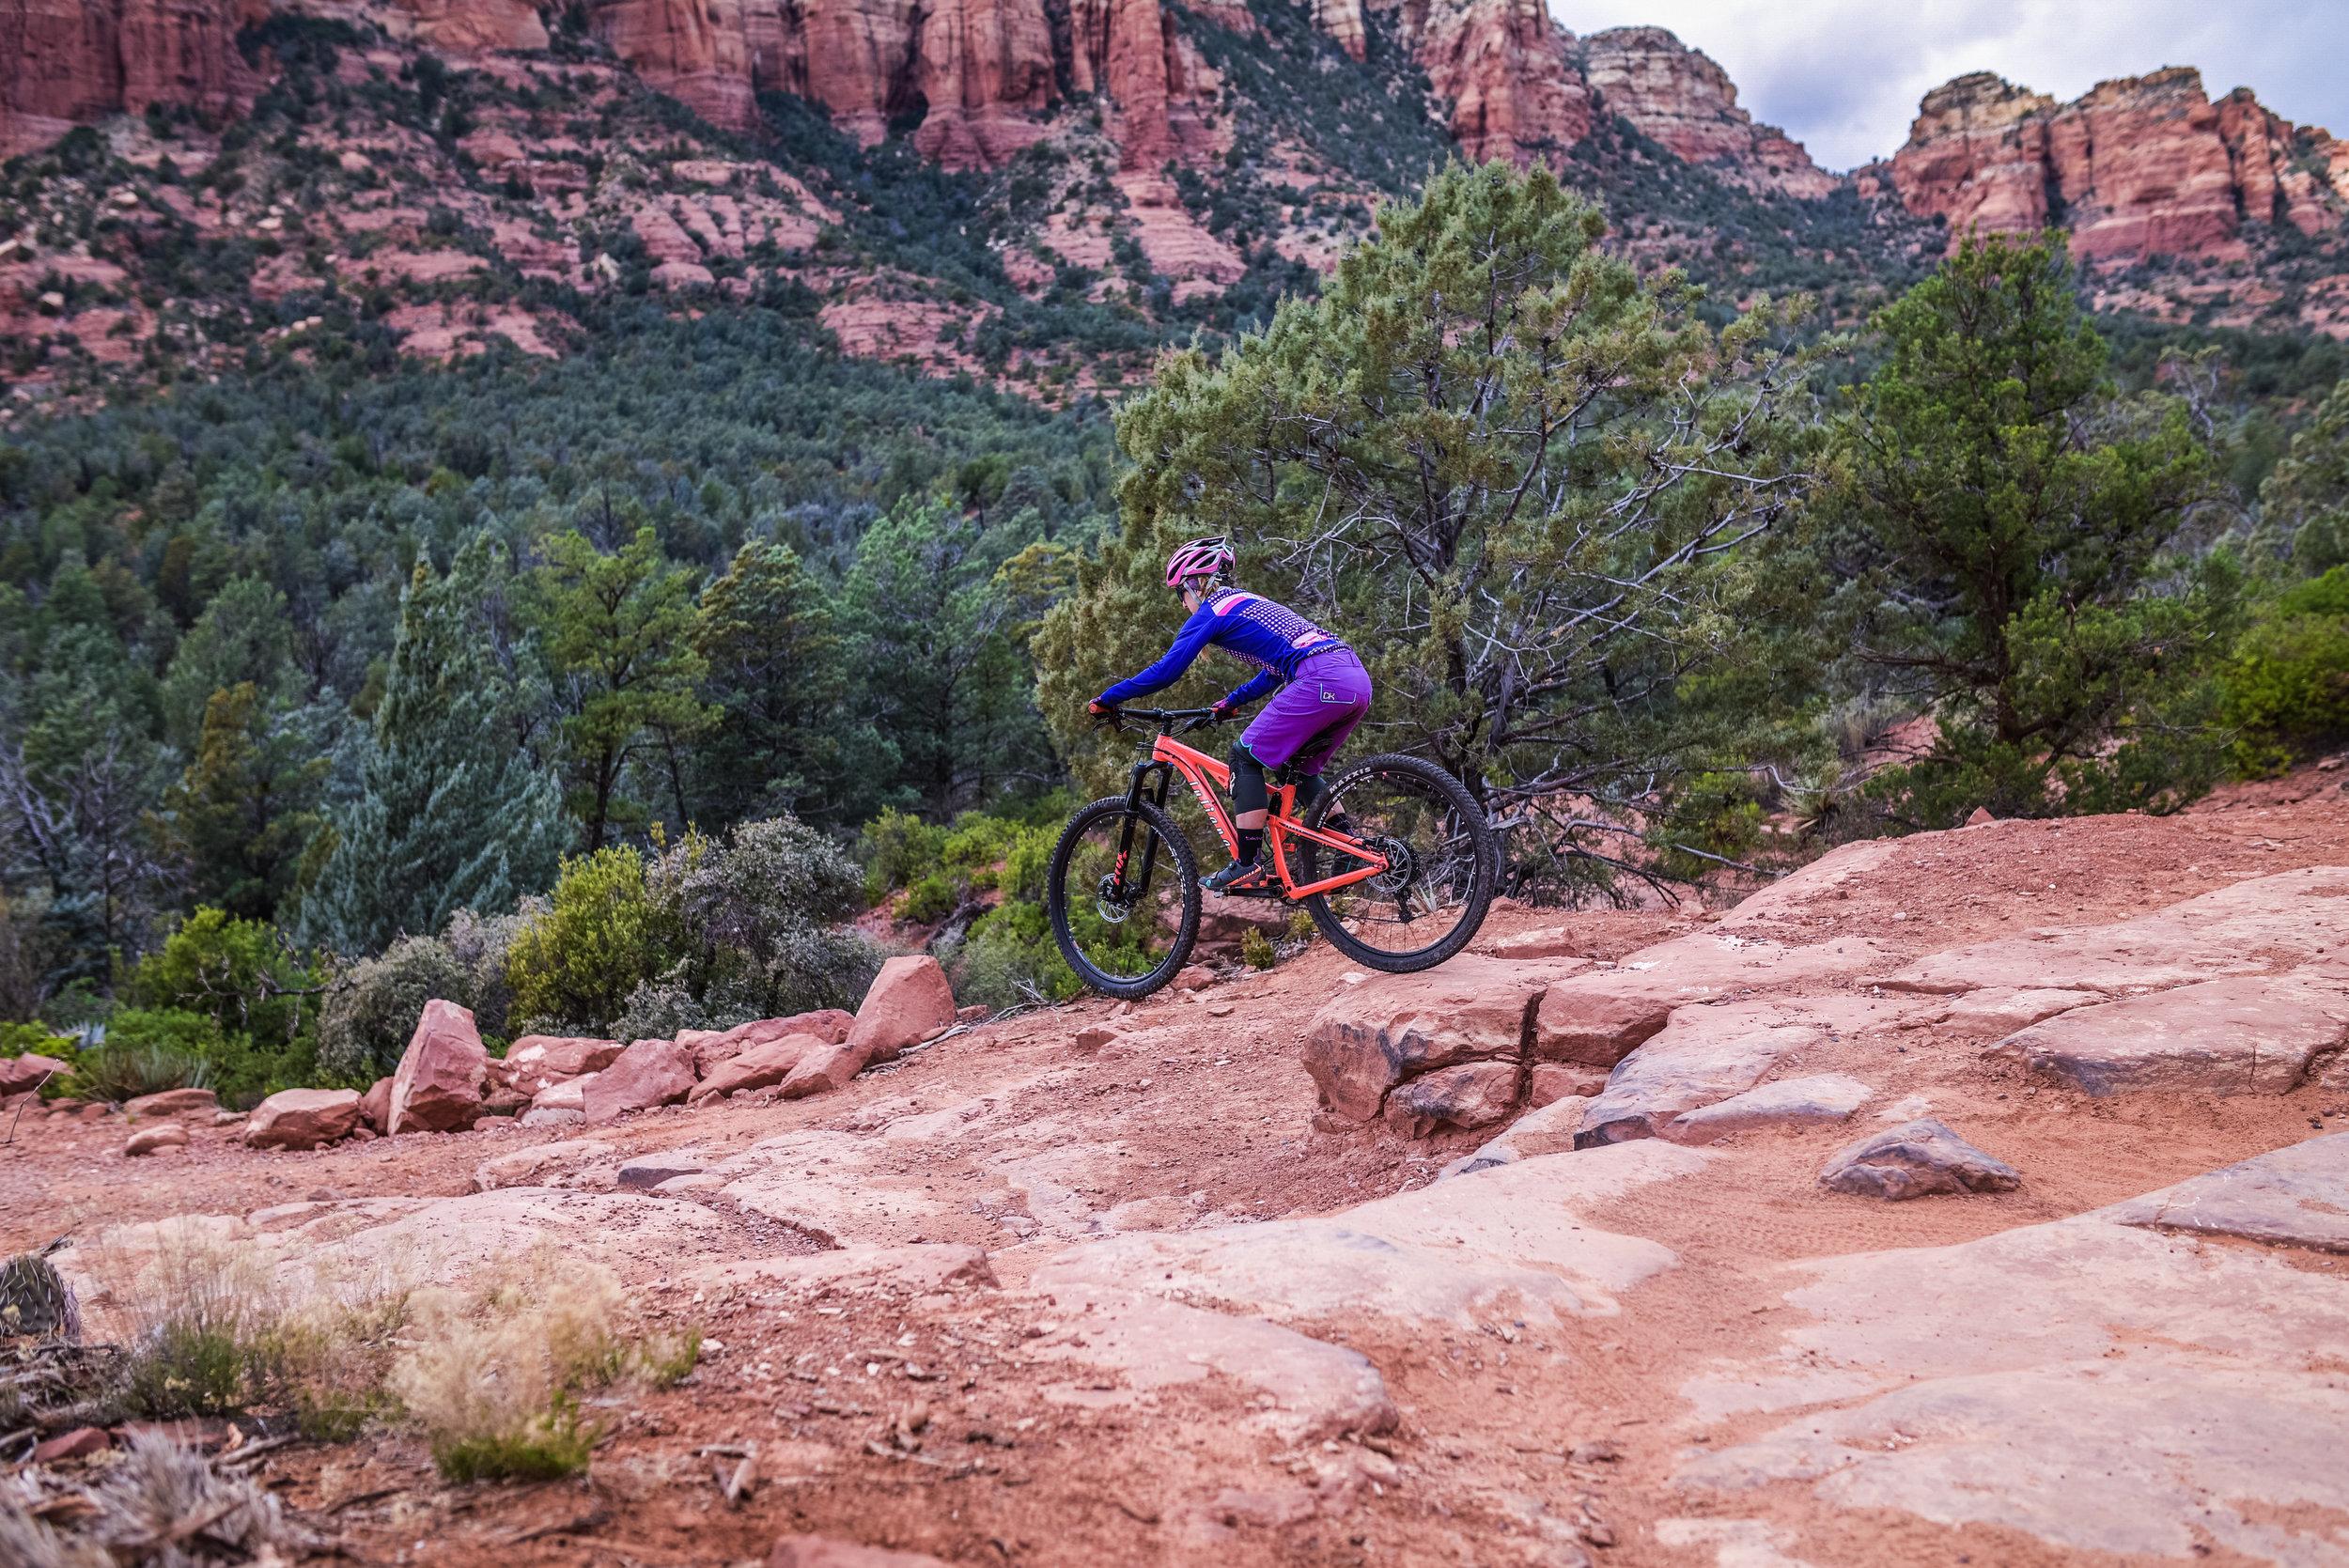 sedona-mountain-bike-festival-vida-ladies-jmostudio-68.jpg